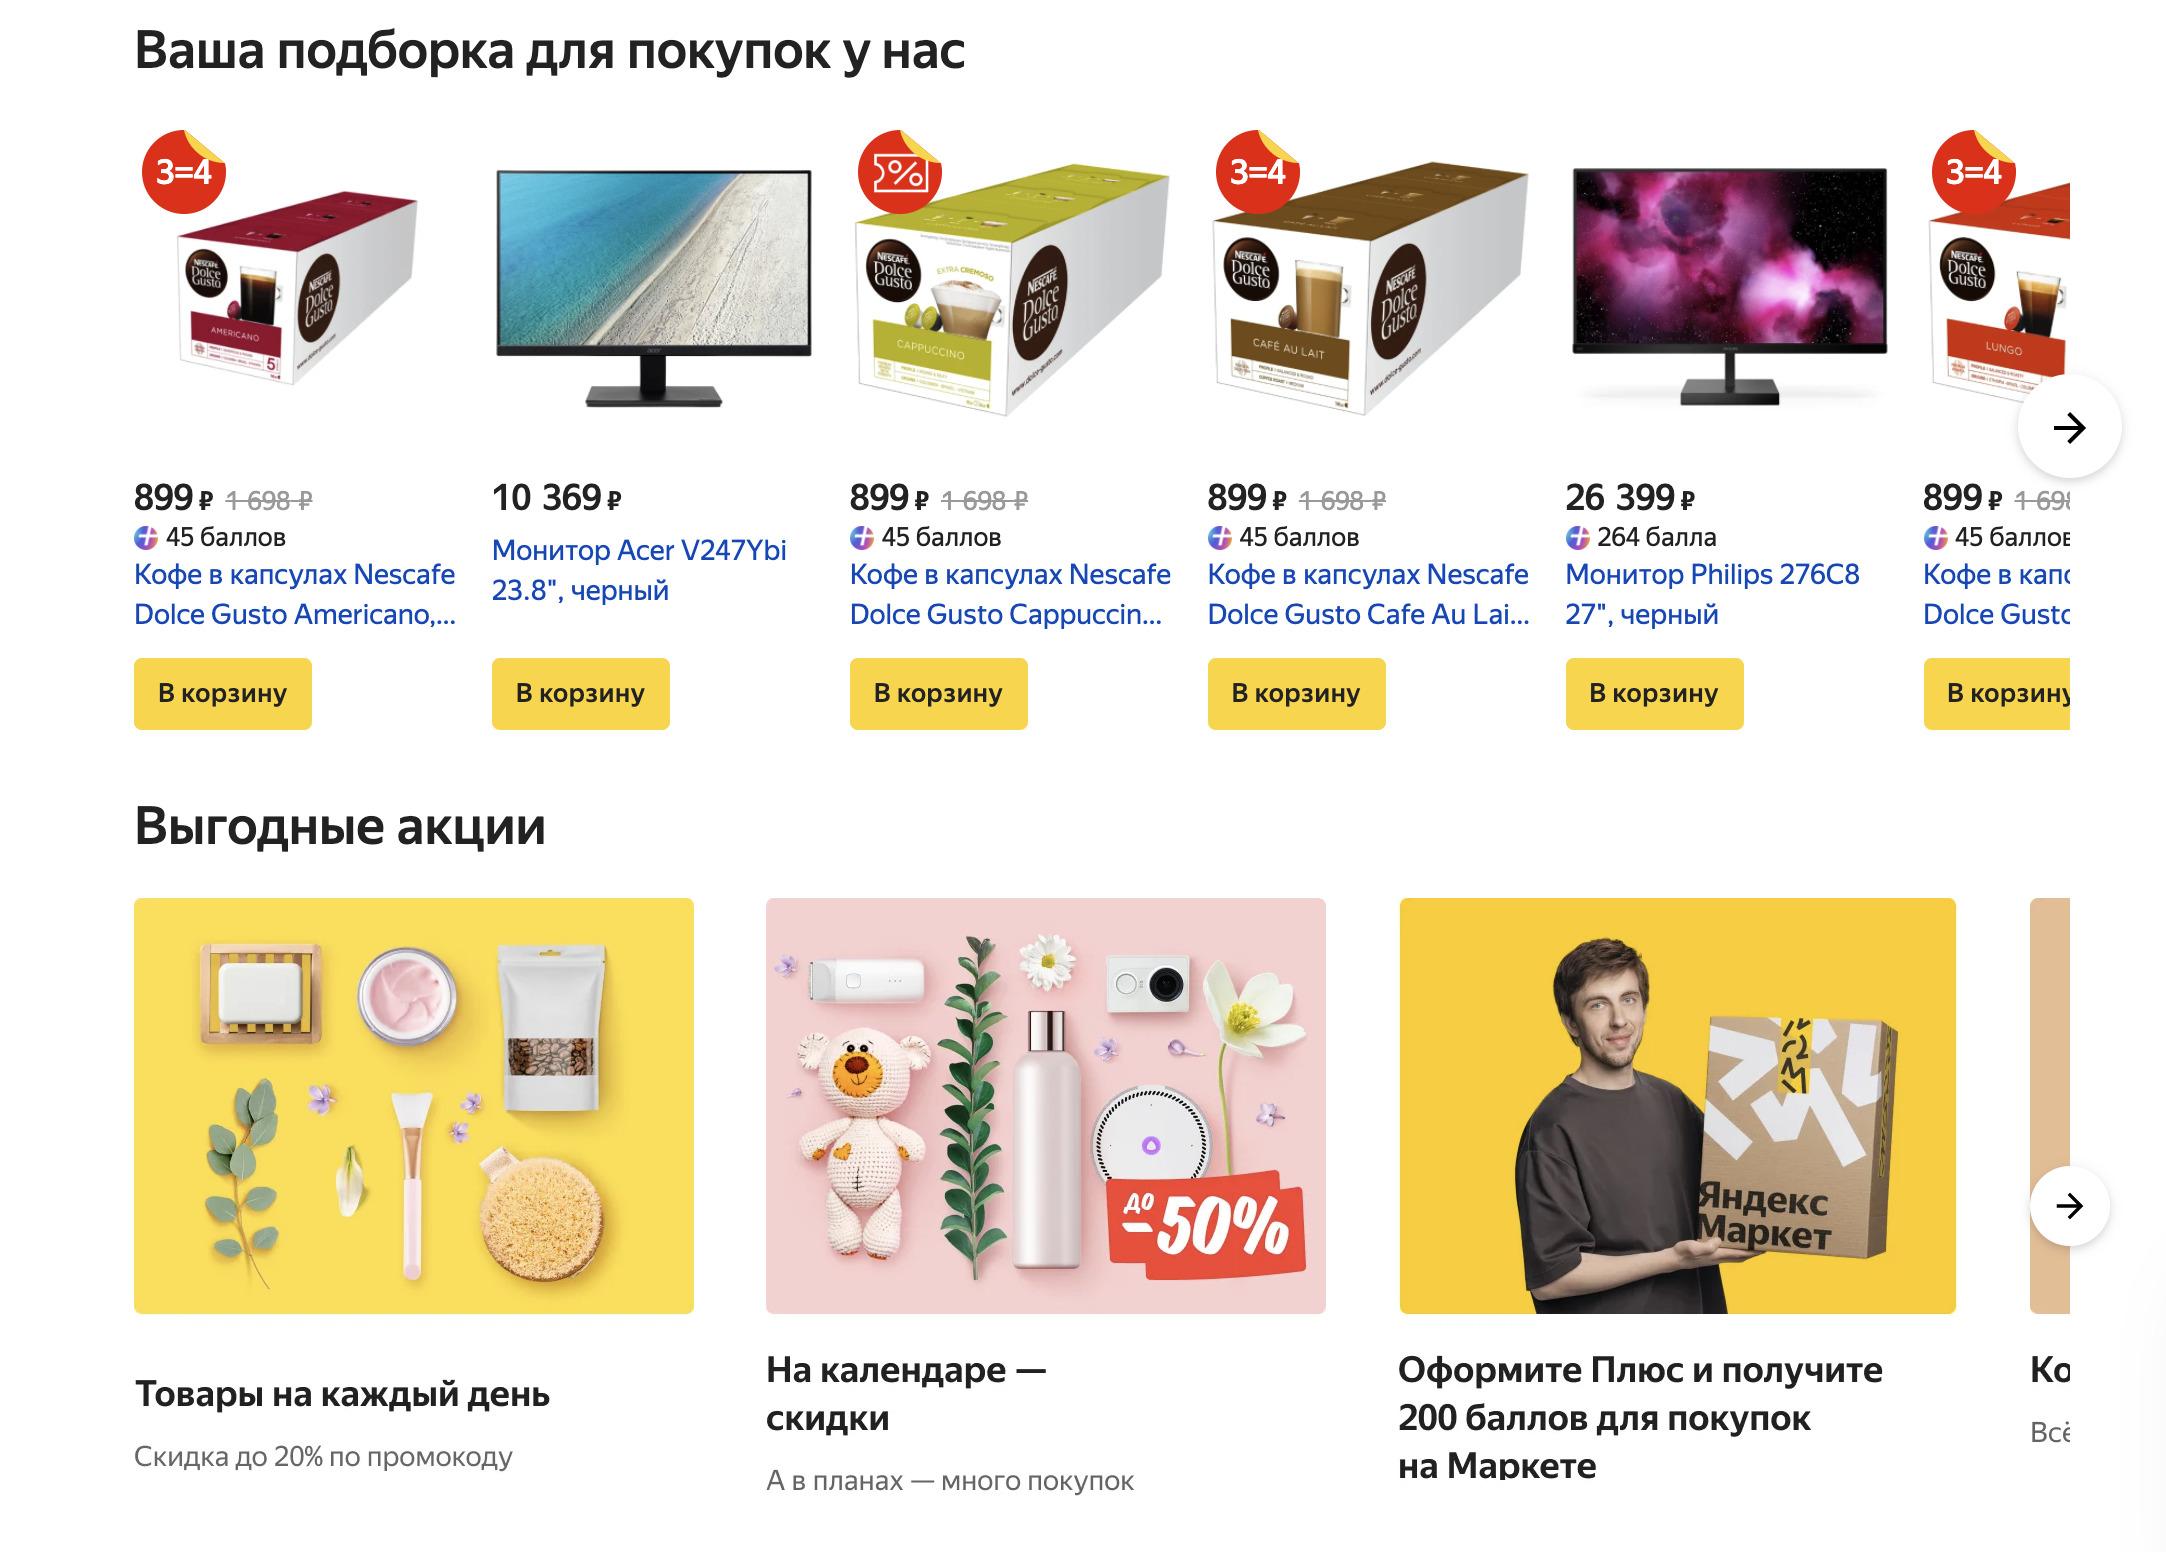 Доставка из Яндекс.Маркет в Сосновый Бор, сроки, пункты выдачи, каталог